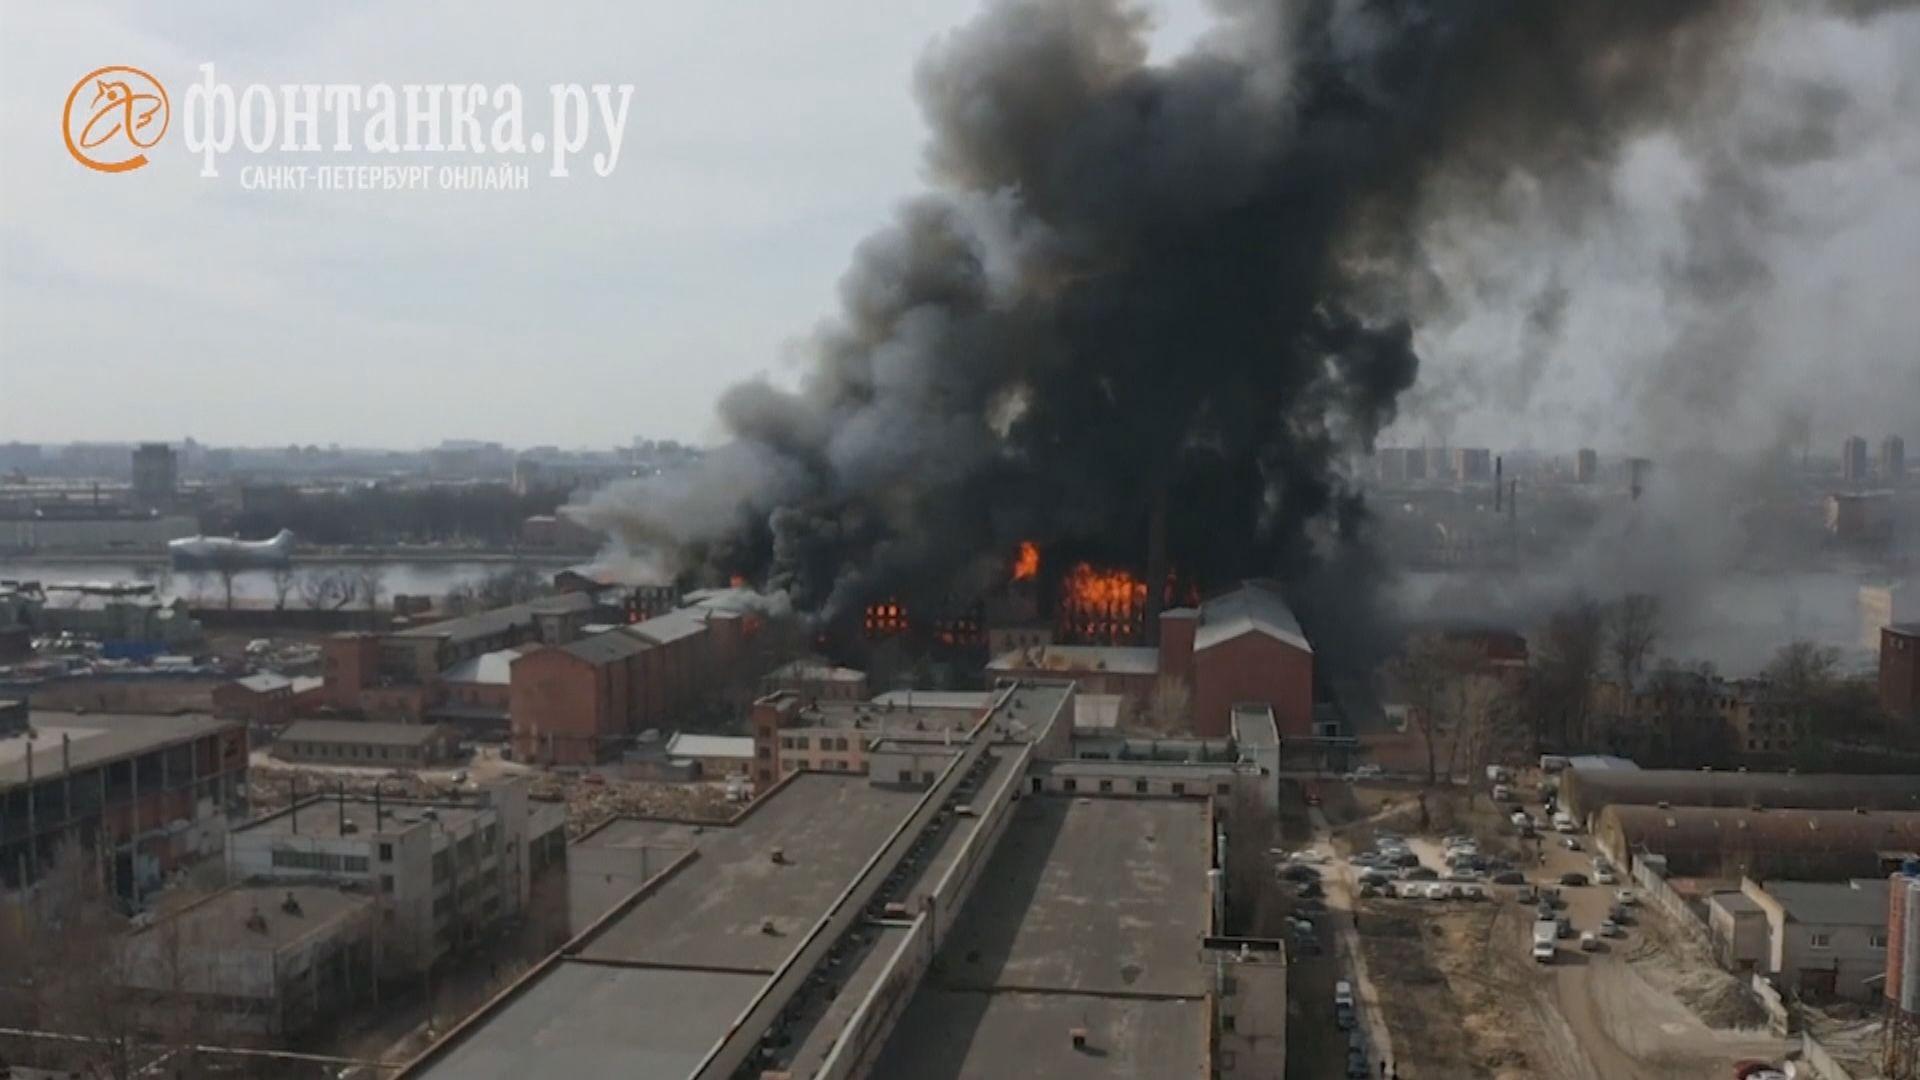 俄羅斯聖彼得堡百年古老工廠大火 消防員一死兩傷